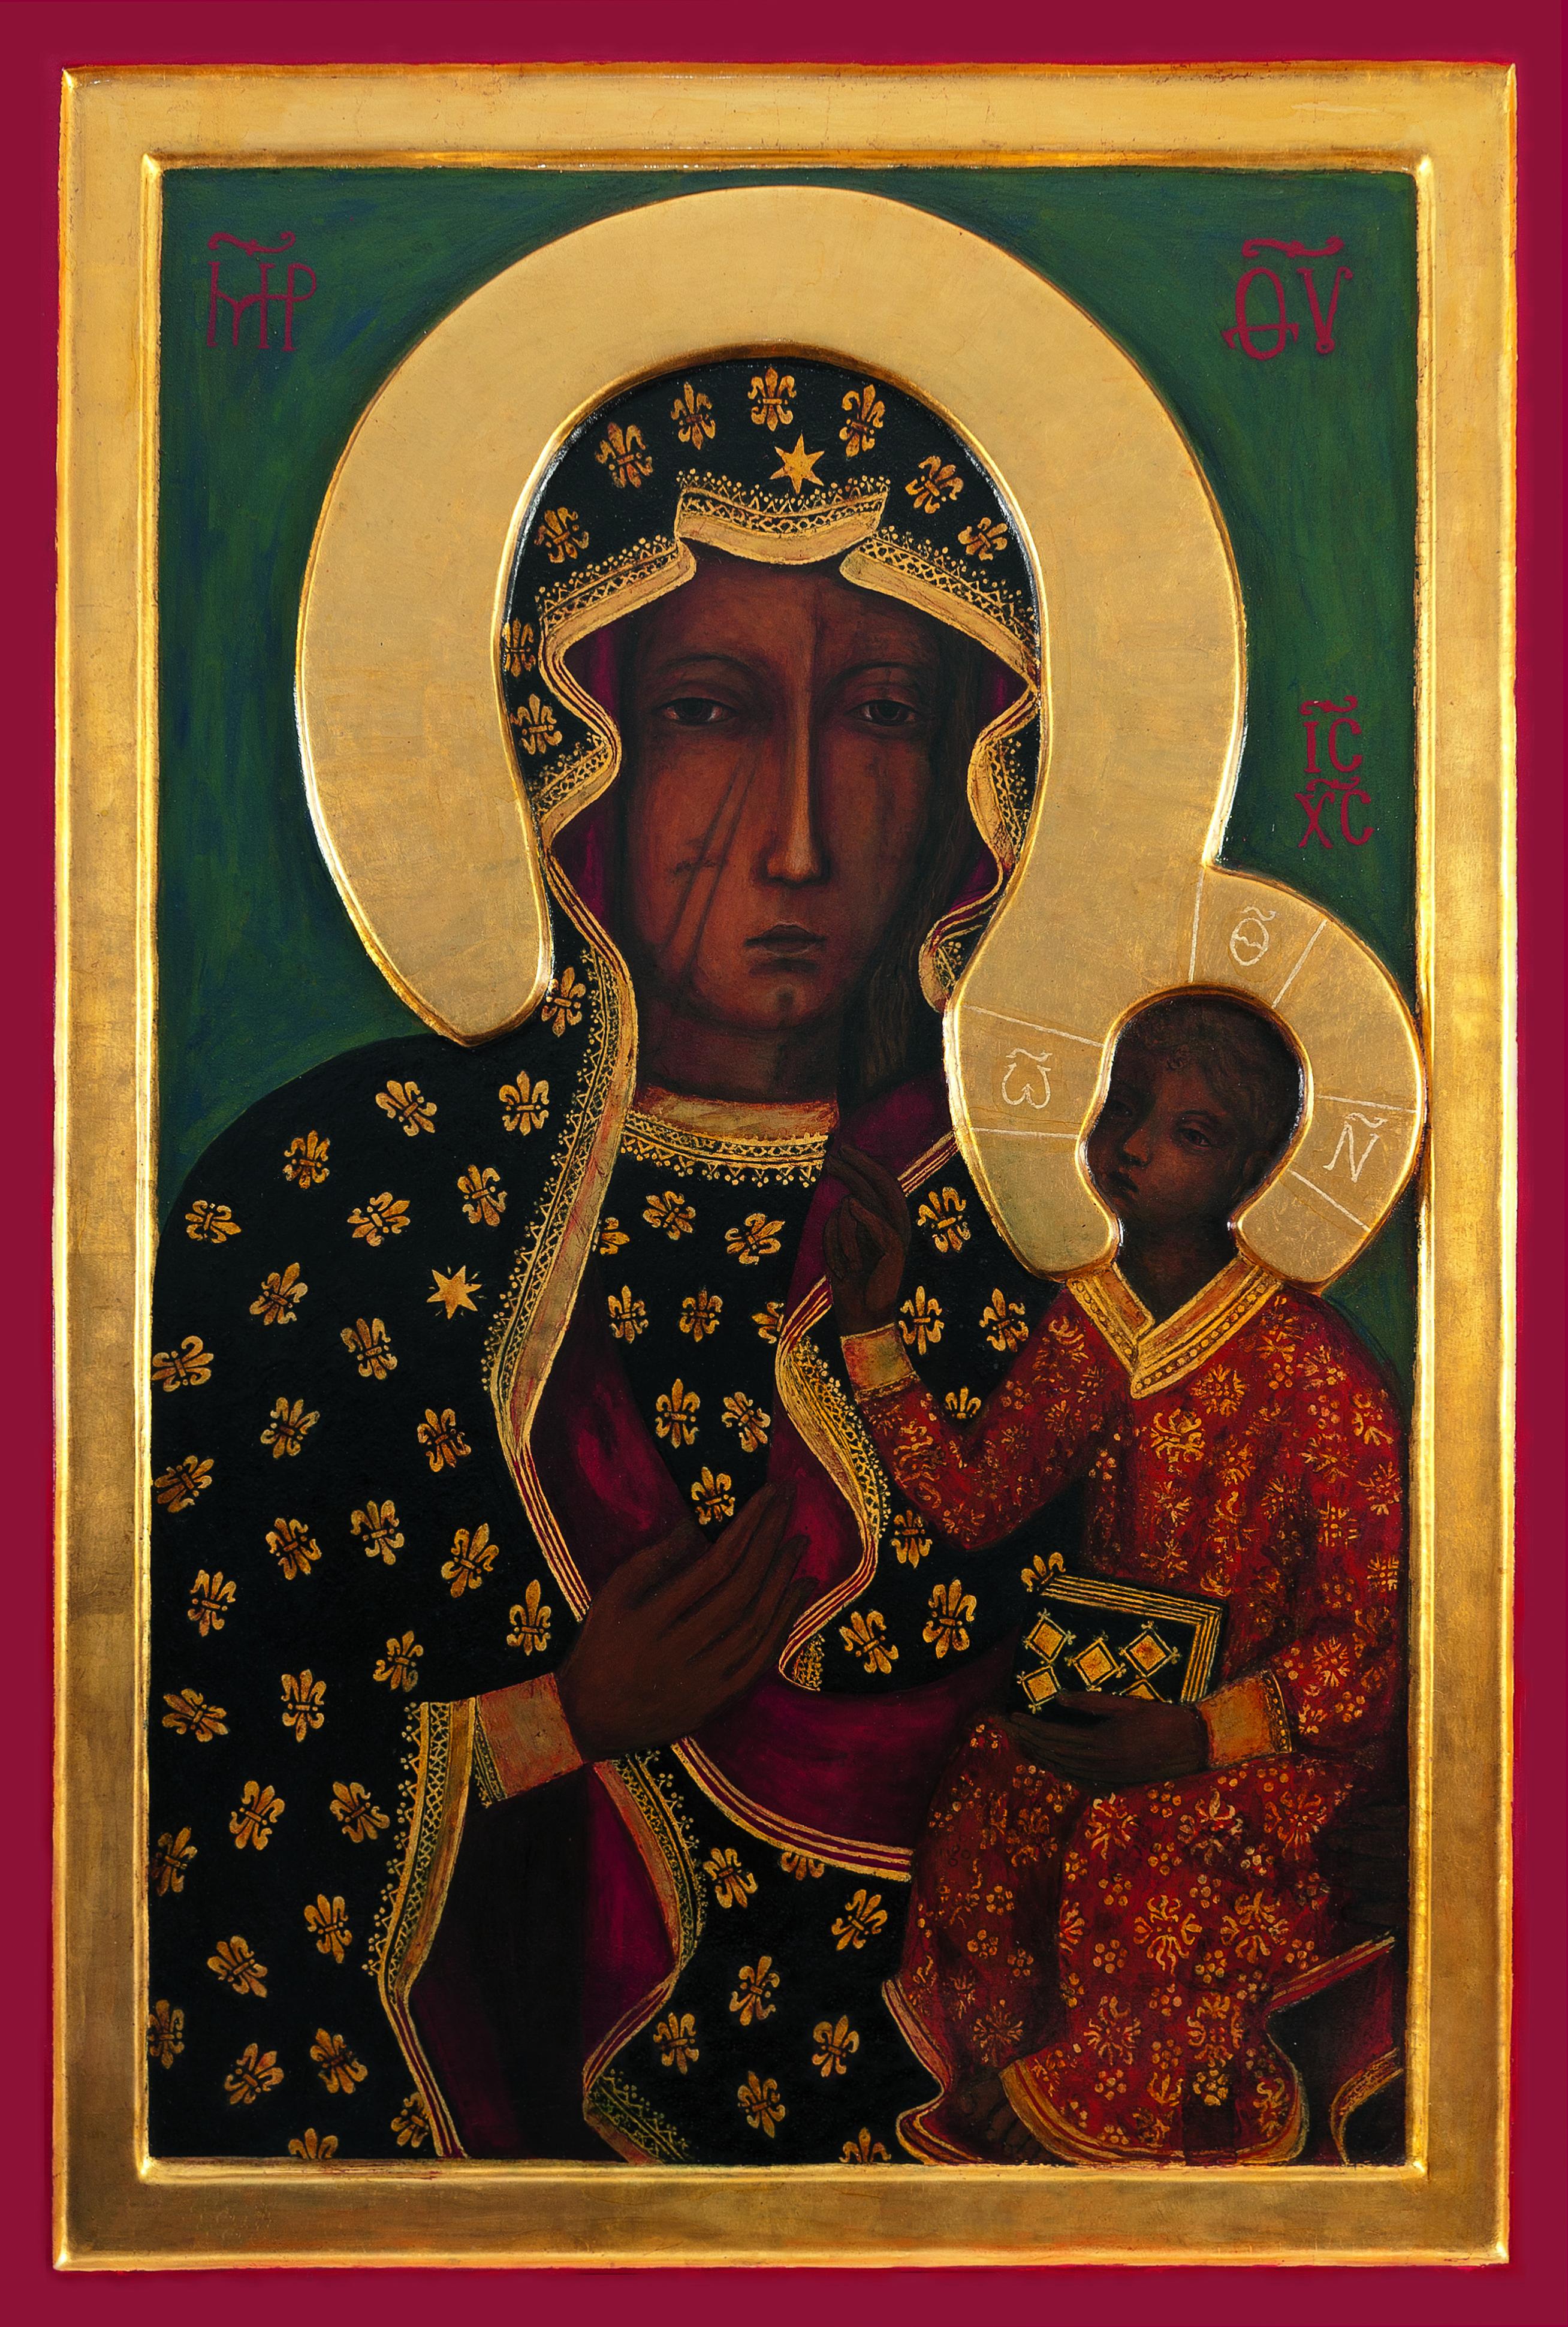 Our Lady of Czestochowa-Image